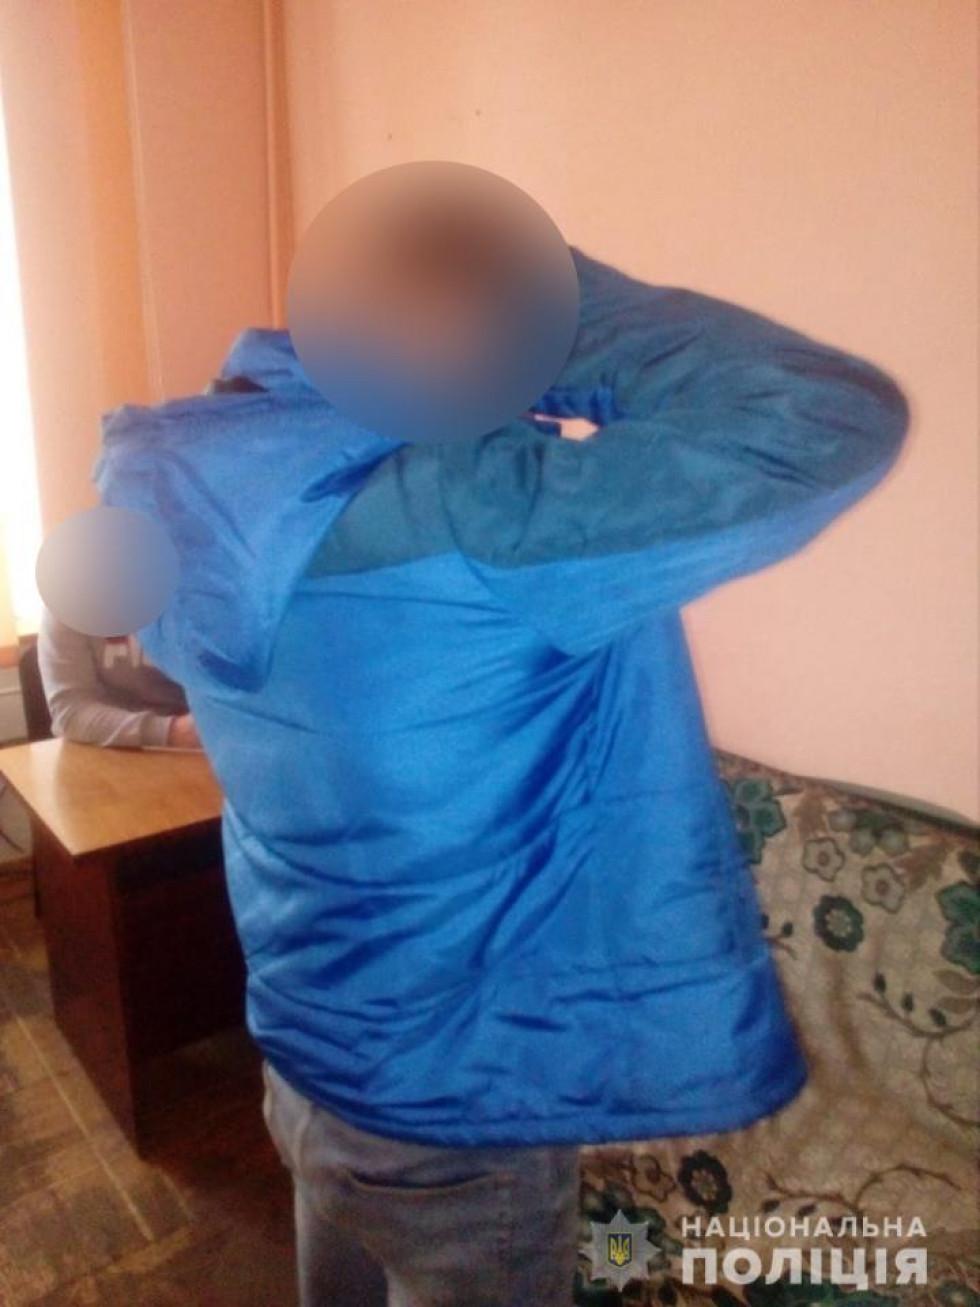 Поліція затримала трьох жителів Луцького району, яких звинувачують в скоєнні грабежу